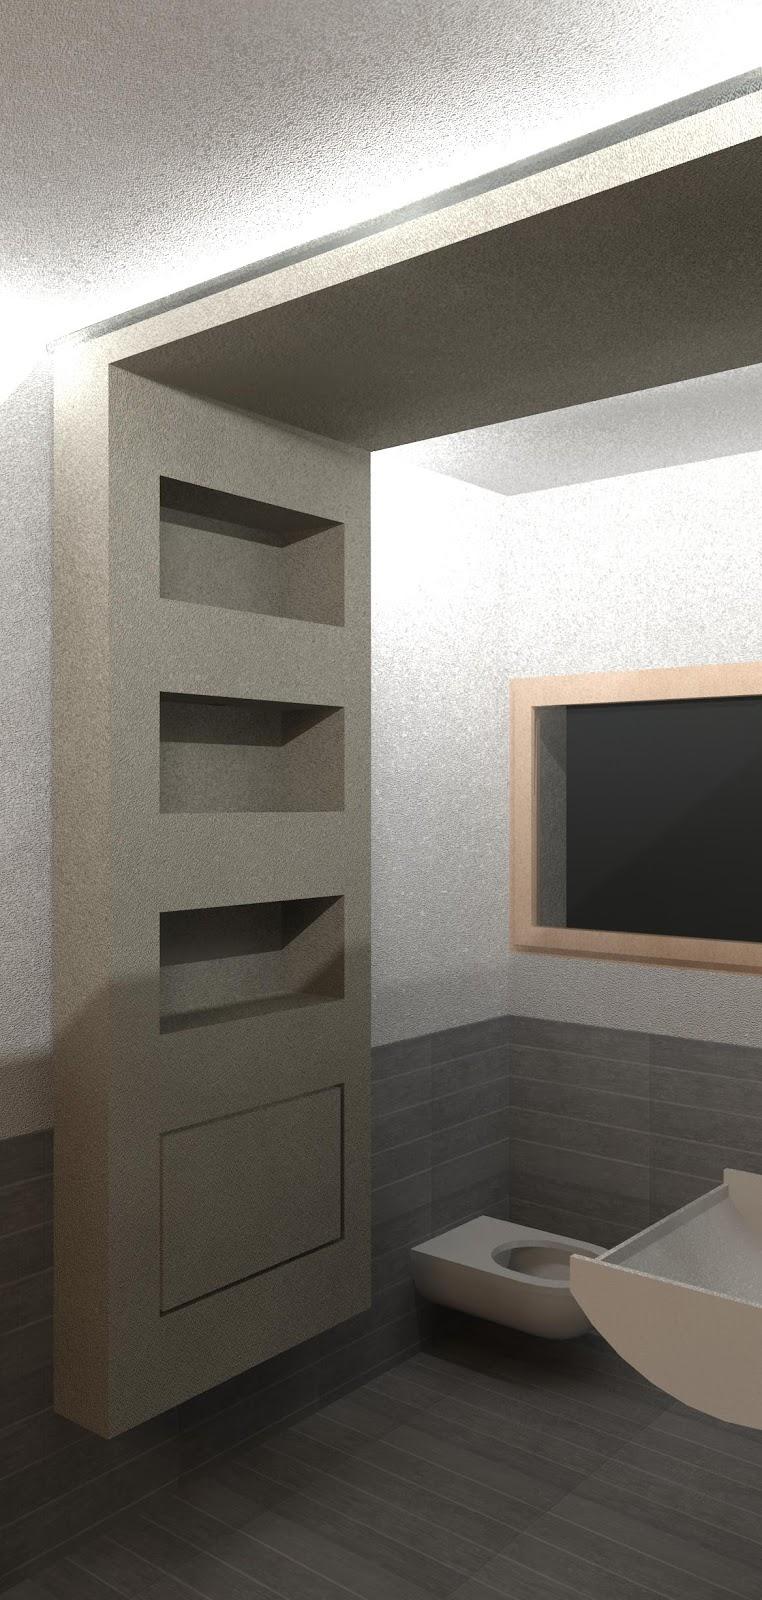 Geometra pprogetto di un bagno con stile moderno - Lavandino bagno moderno ...